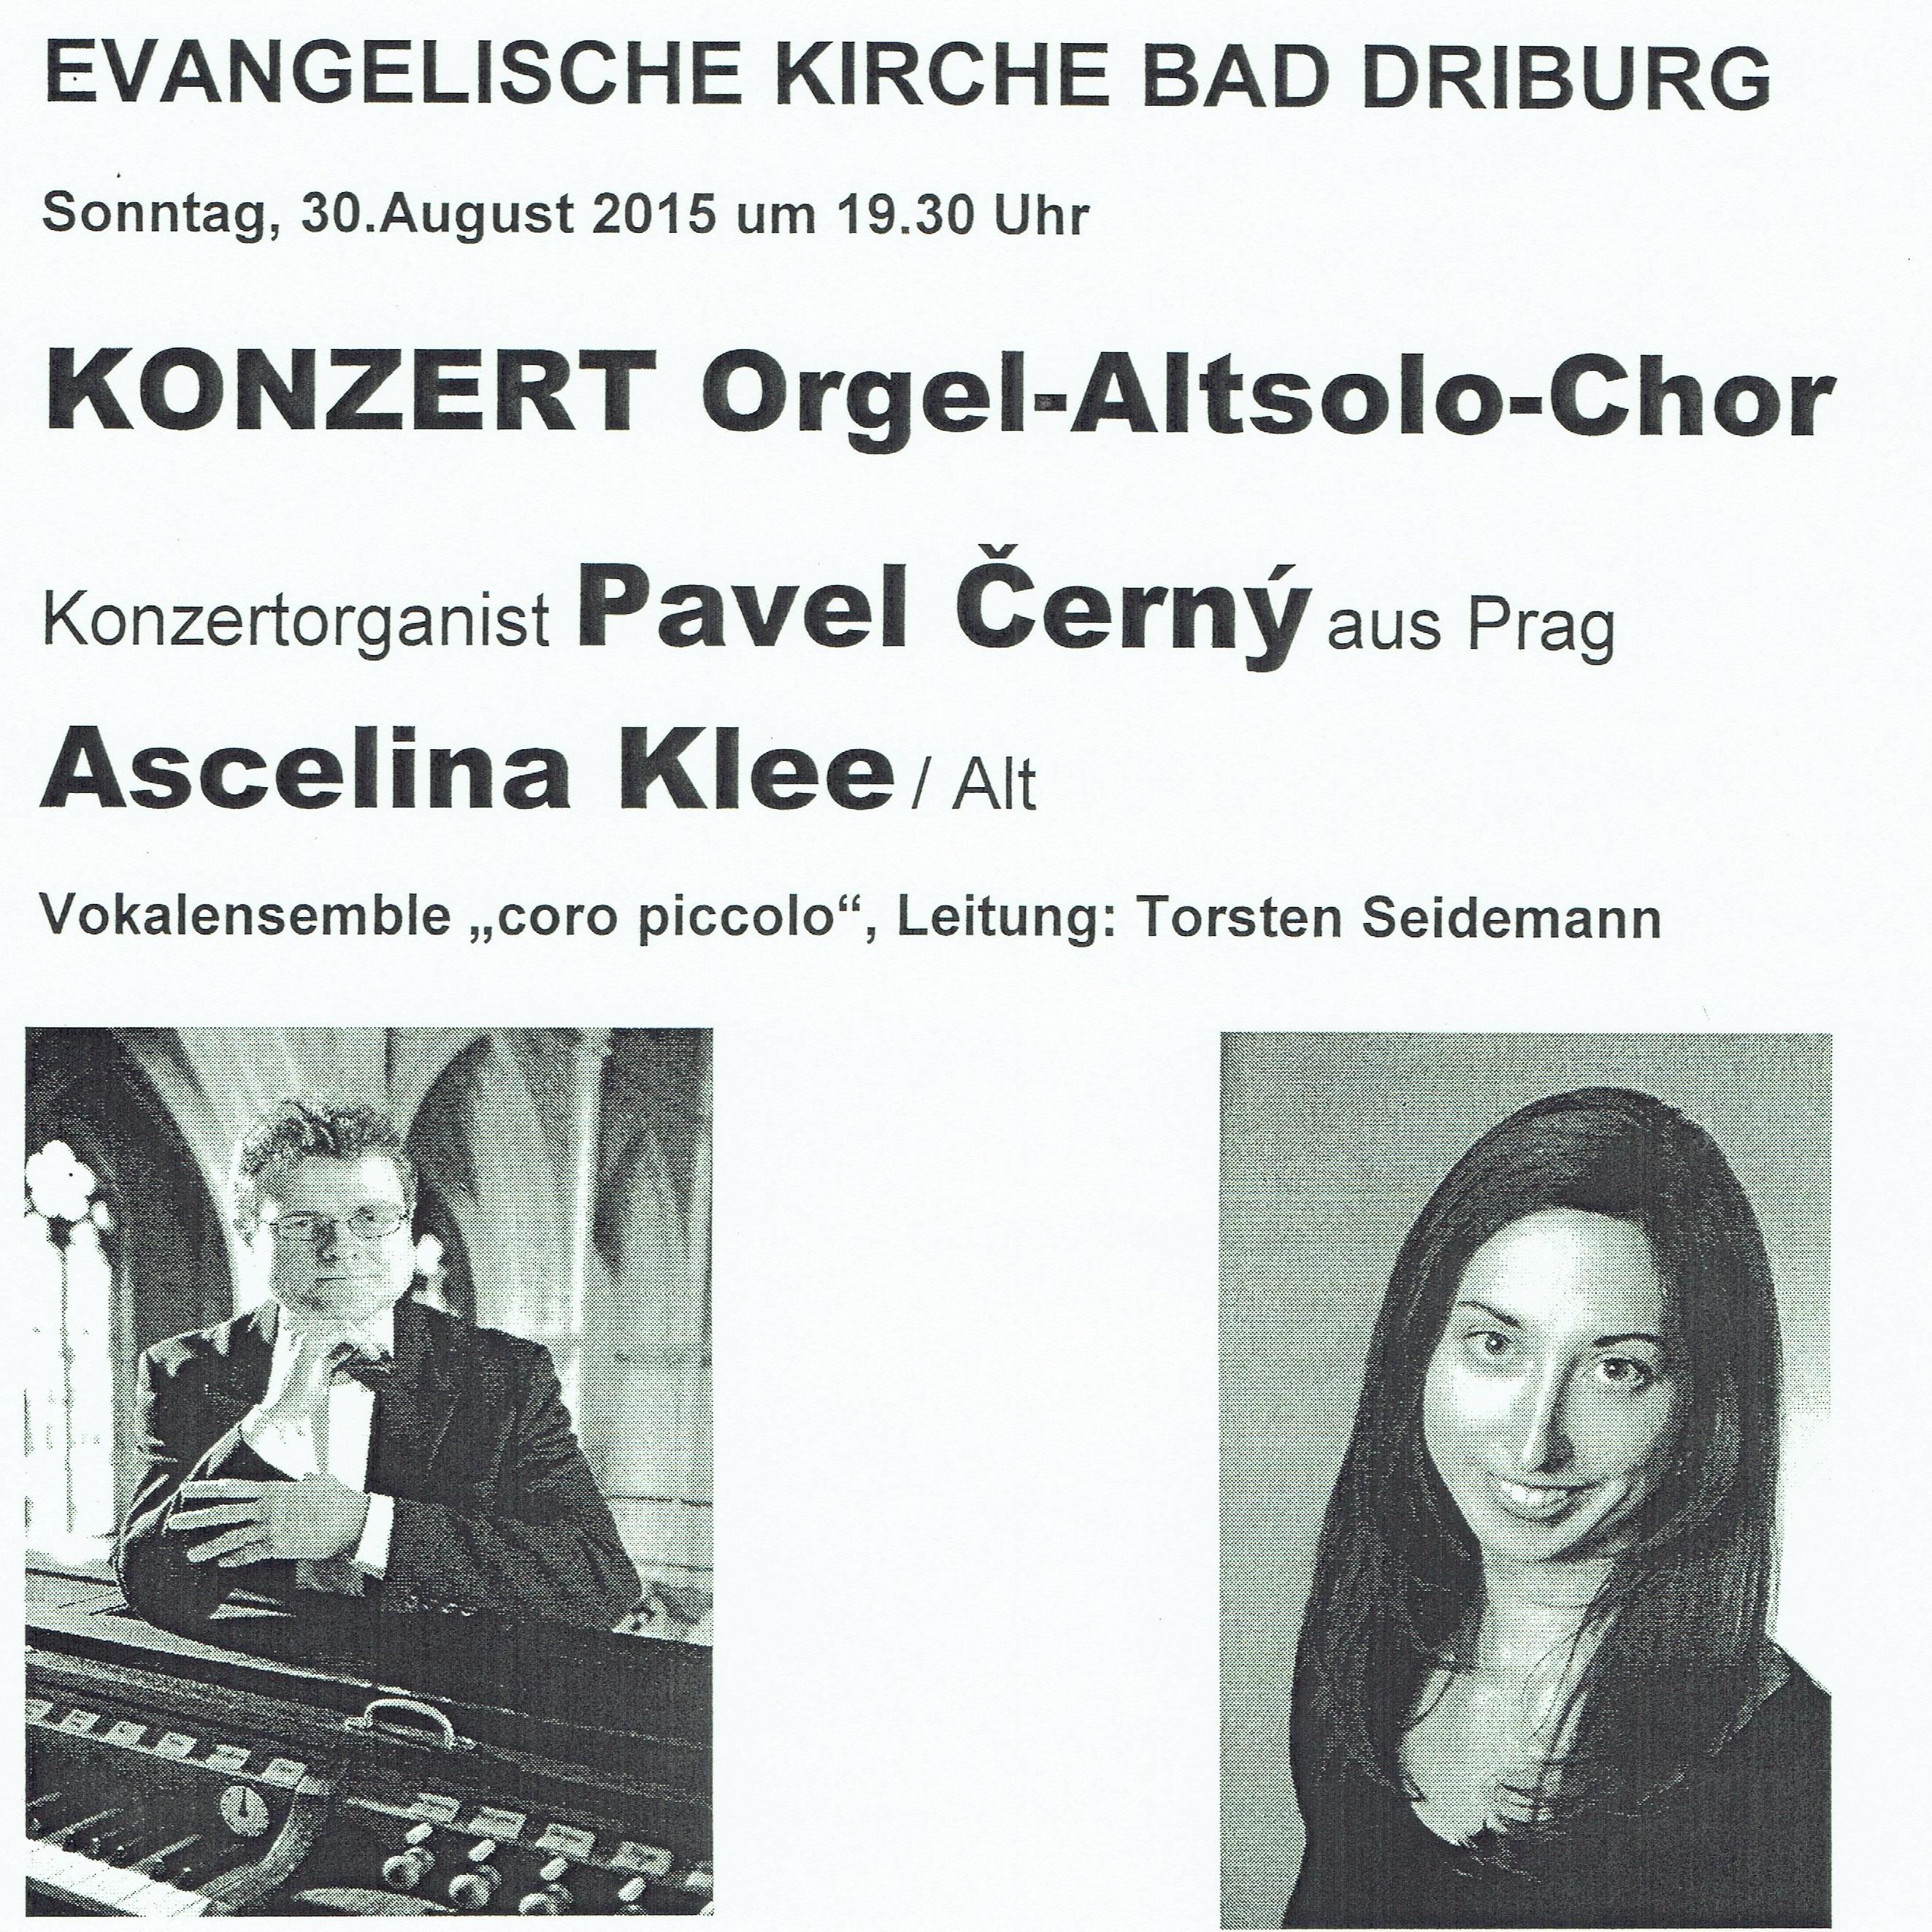 Konzertante Begegnung in Bad Driburg